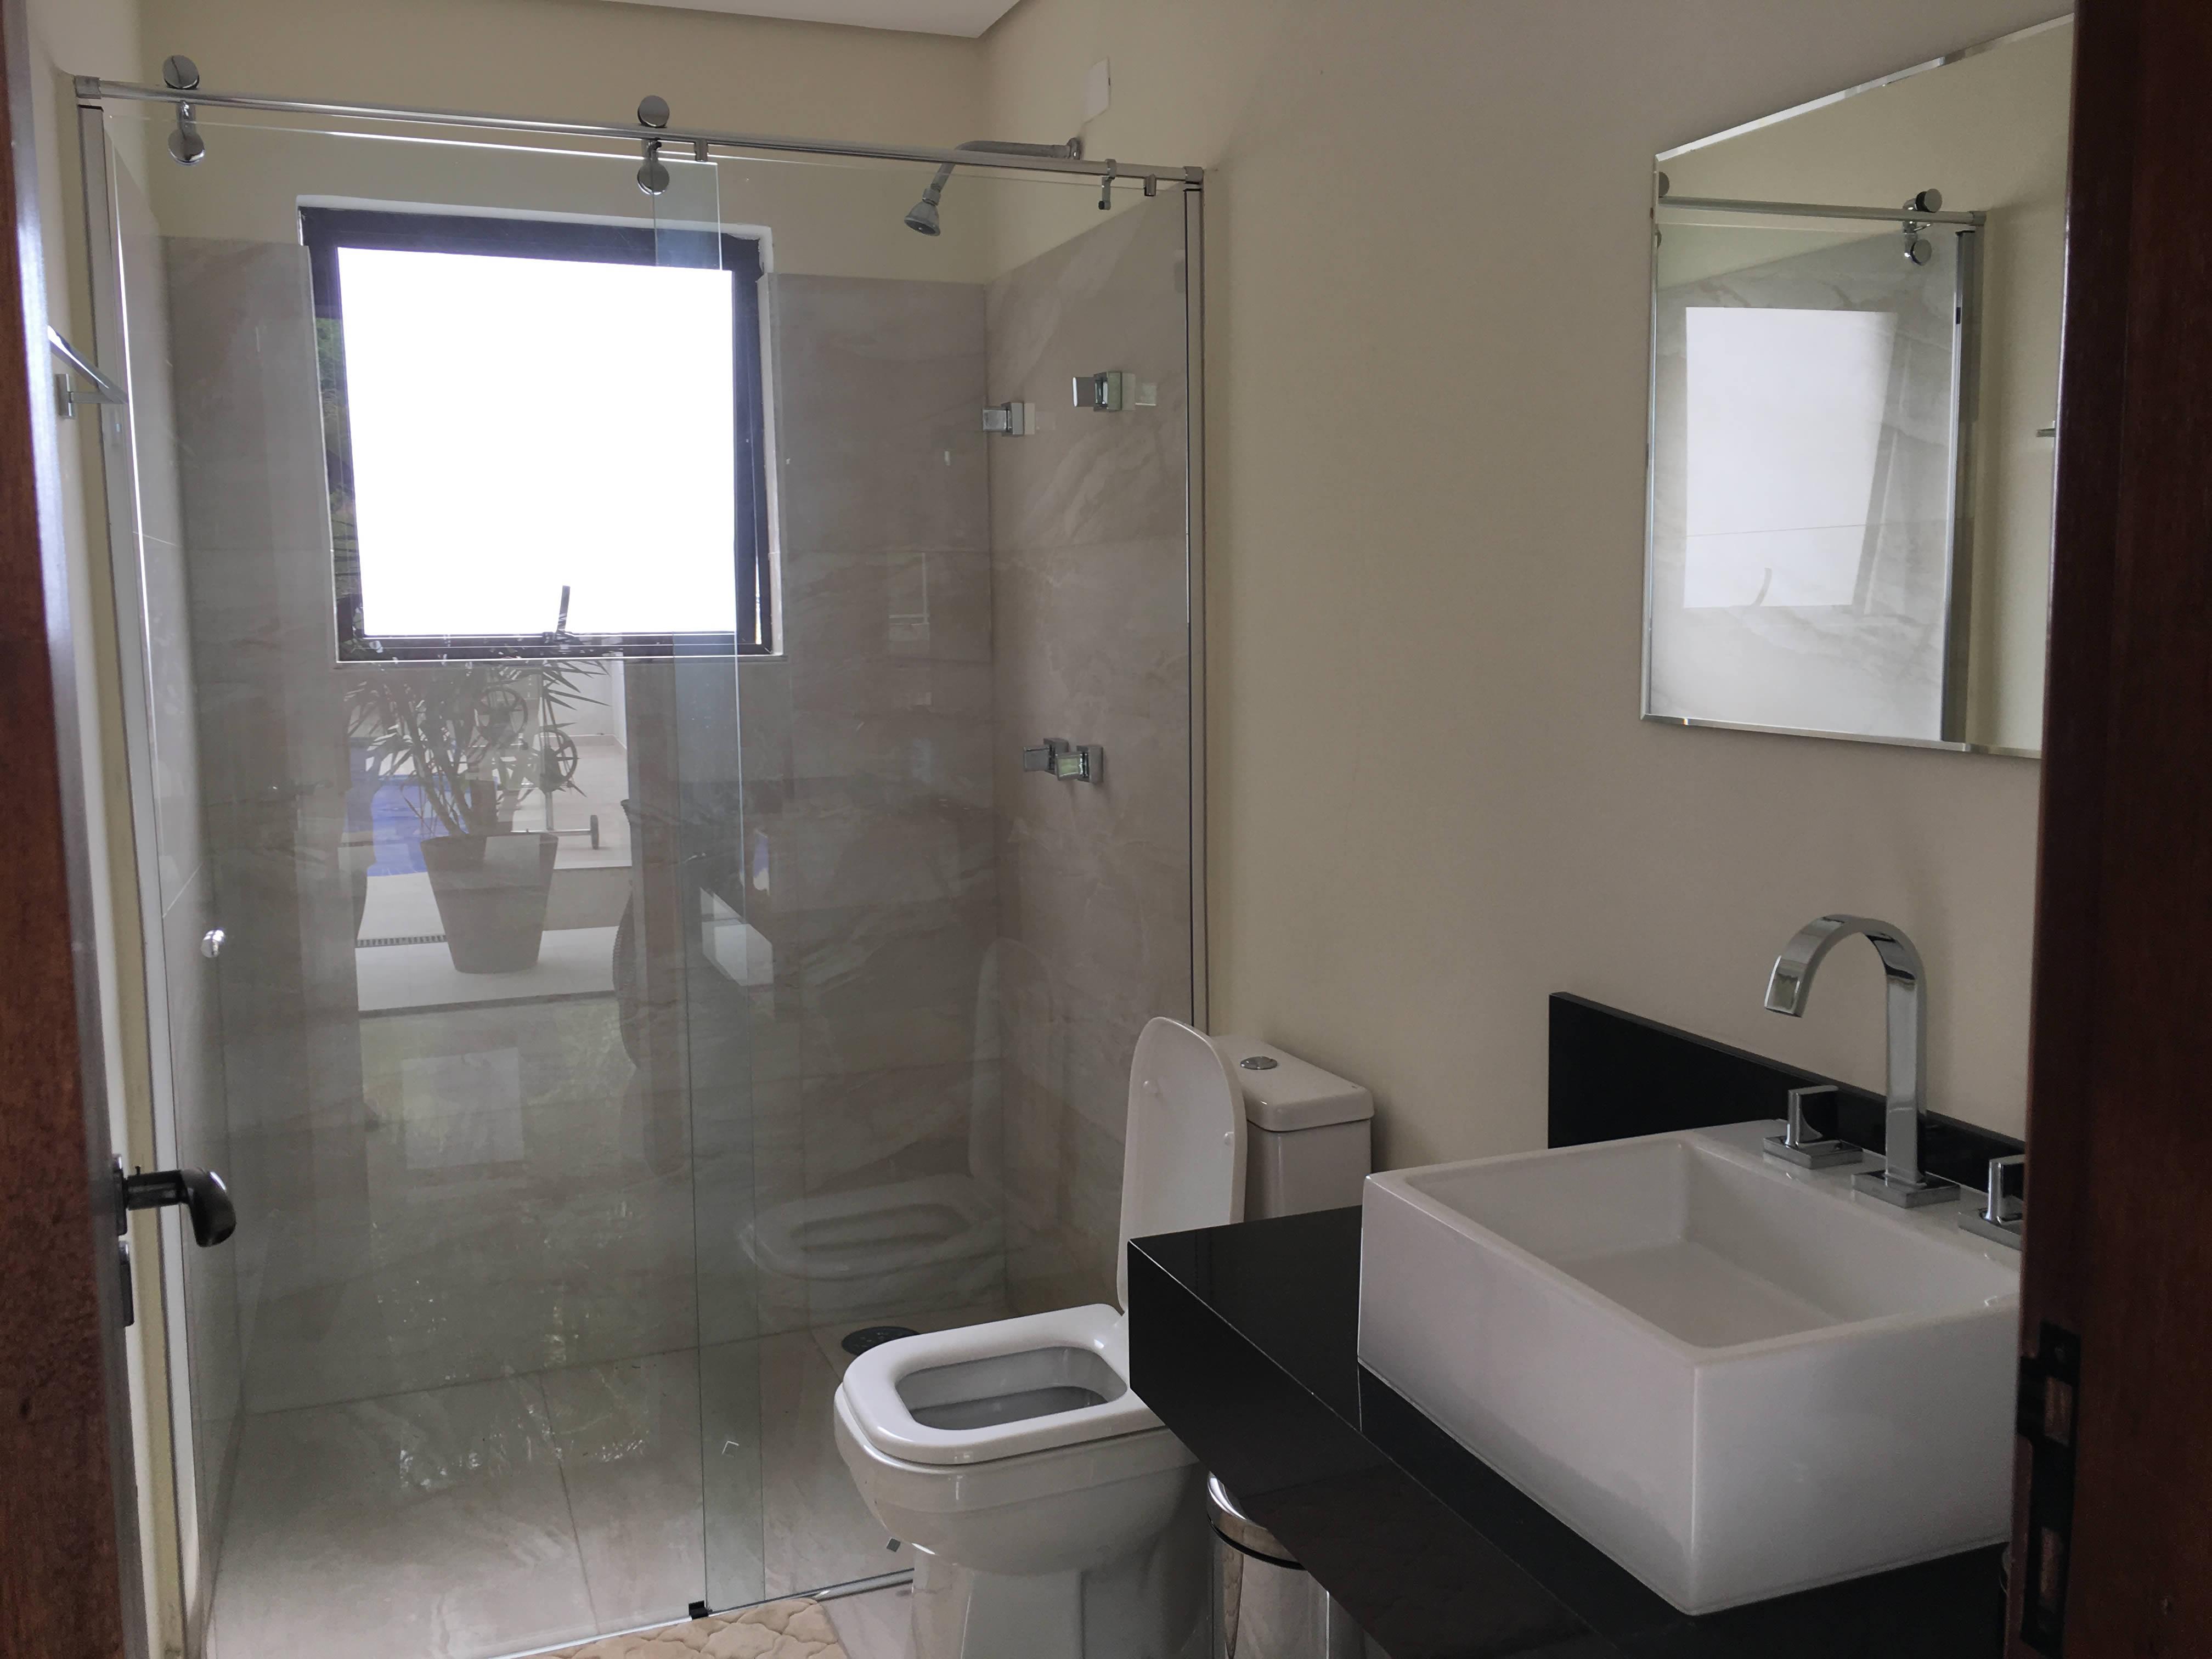 banheiro em vidro box em vidro temperado box vidro box para banheiro #358296 3456 2304